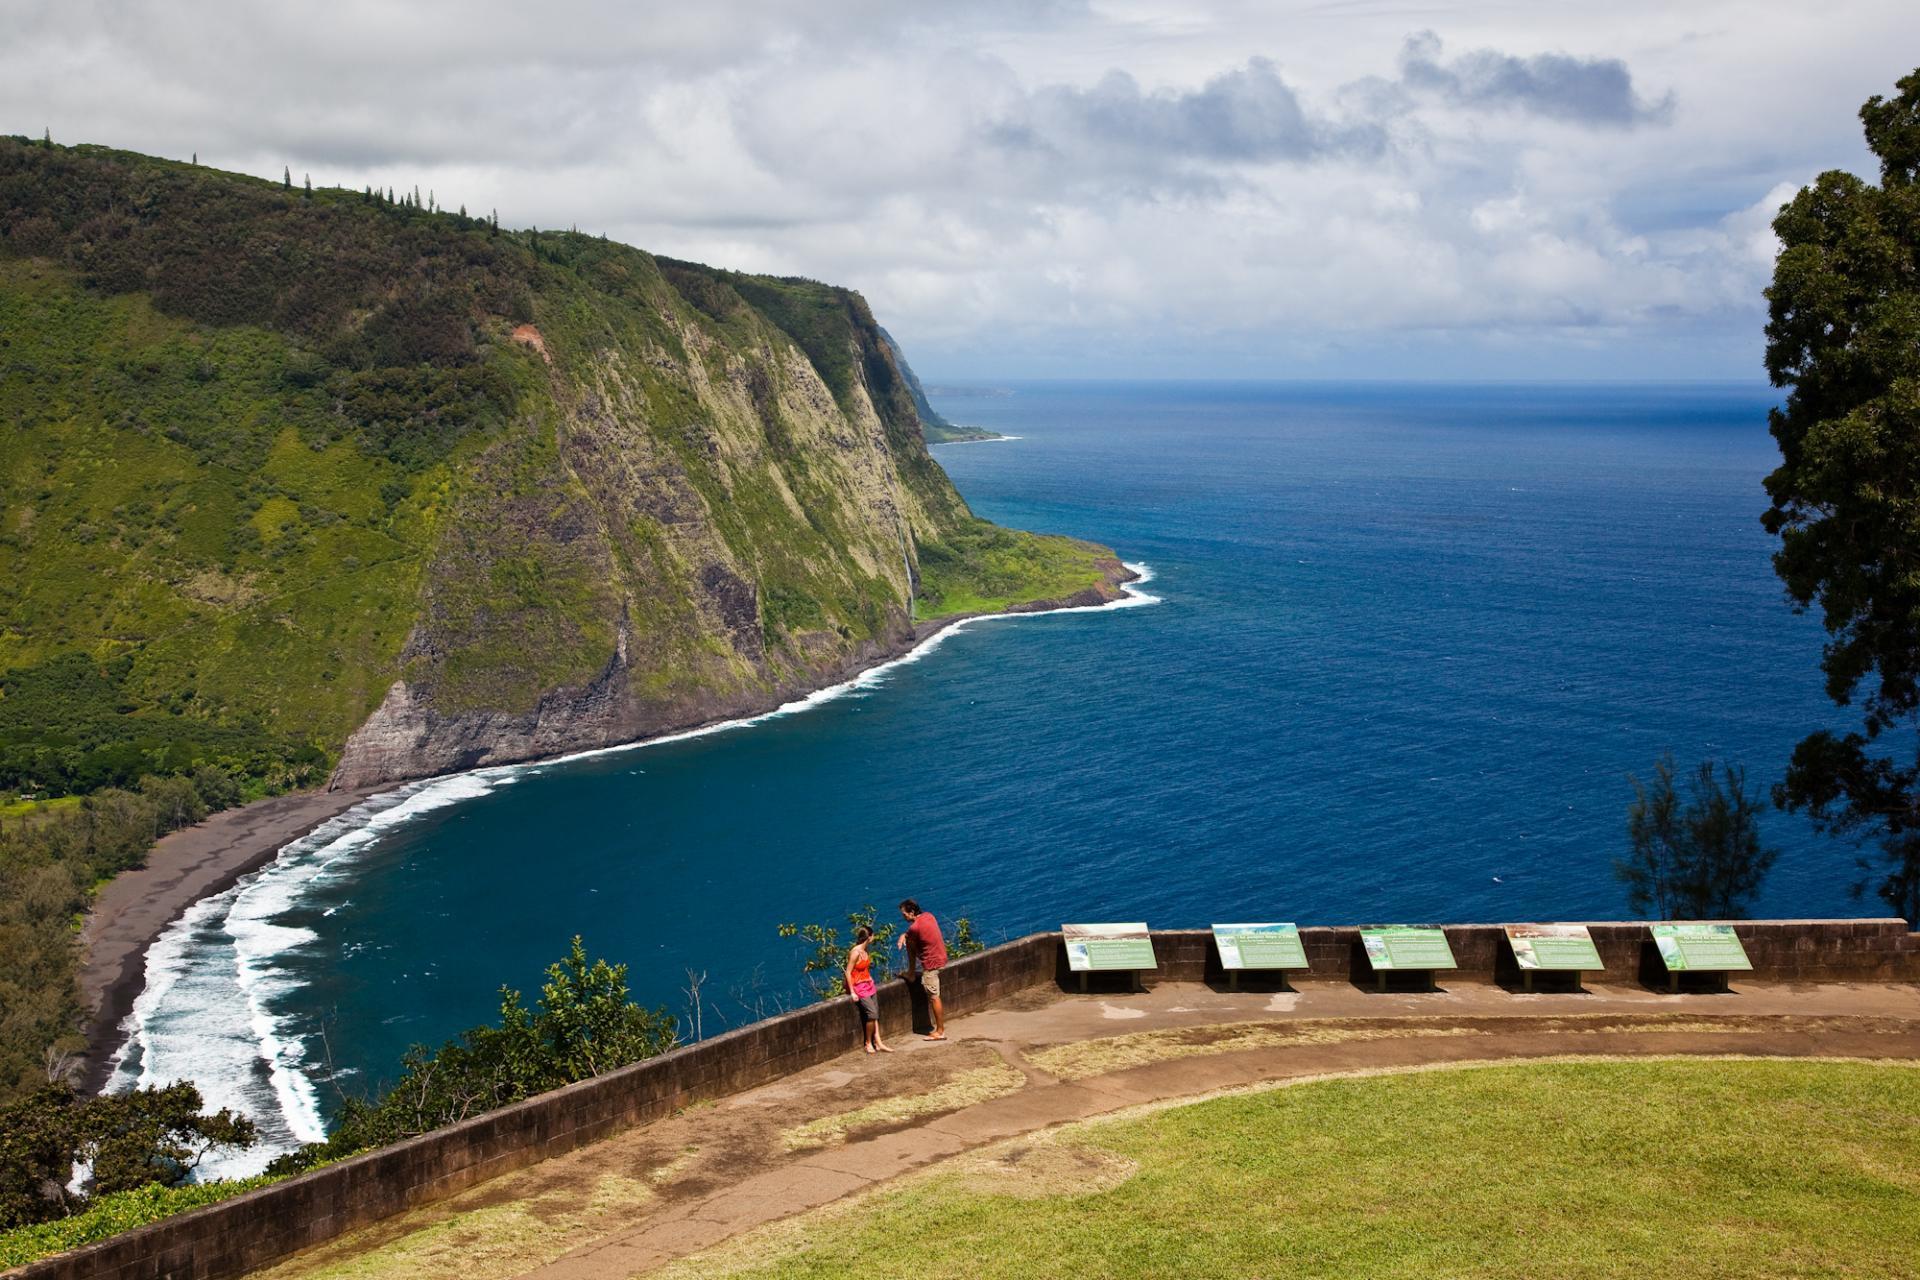 Thung lũng Waipio, Hawaii, Mỹ: Với bãi biển cát đen tuyệt đẹp, thác nước và rừng trù phú, thật khó để hình dung thung lũng Waipio có gì liên quan đến địa ngục. Tuy nhiên, theo truyền thuyết dân gian của người Hawaii, một cánh cổng dẫn xuống thế giới linh hồn, Lua-o-Milu, nằm sâu dưới cát ở khu vực này. Theo đó, con người có thể đến thế giới bên kia bằng cách nhảy xuống từ một vách đá trên biển. Ảnh: Gohawaii.